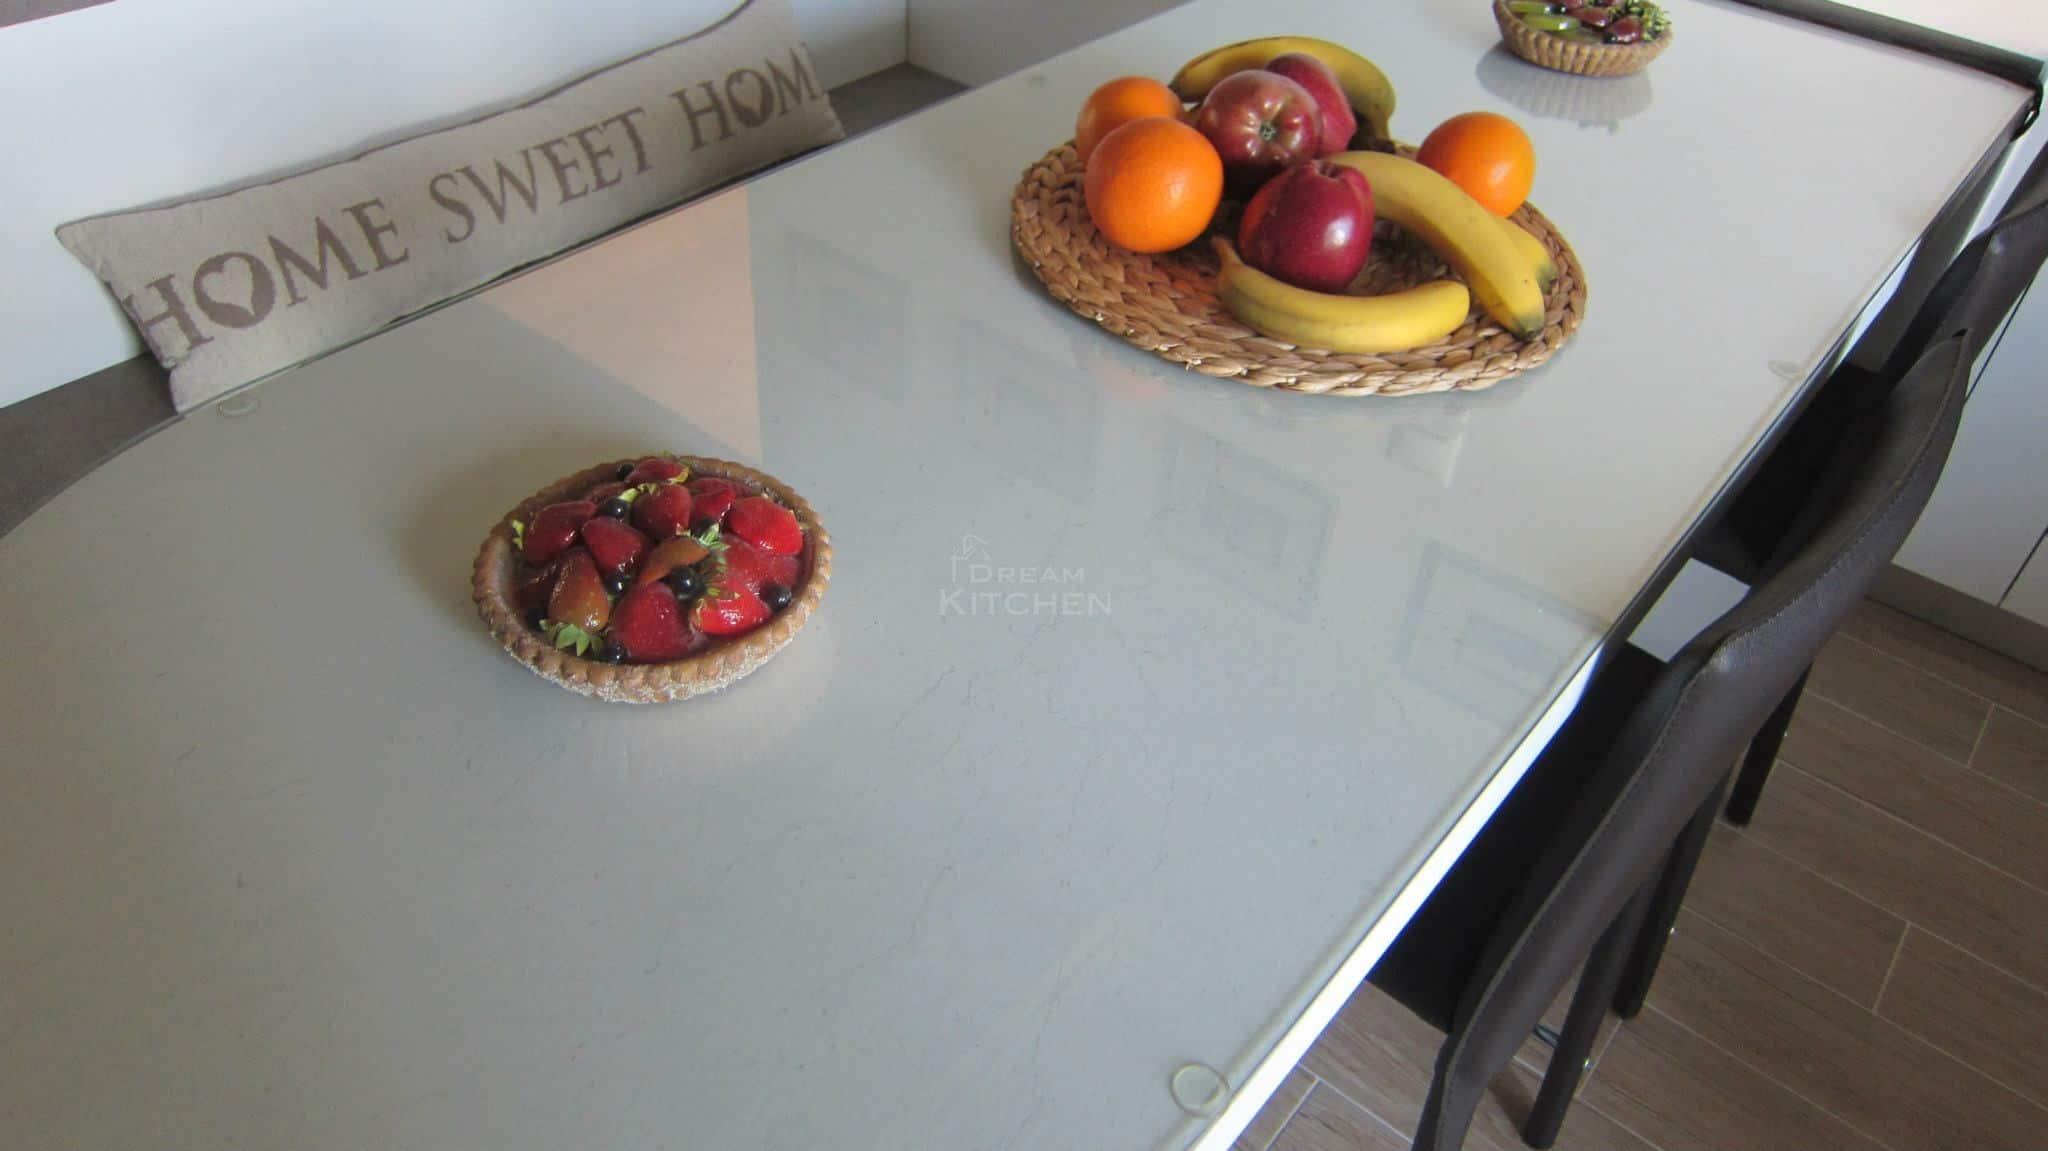 Κουζινα Πολυμερικο σε λευκο χρωματισμο 19